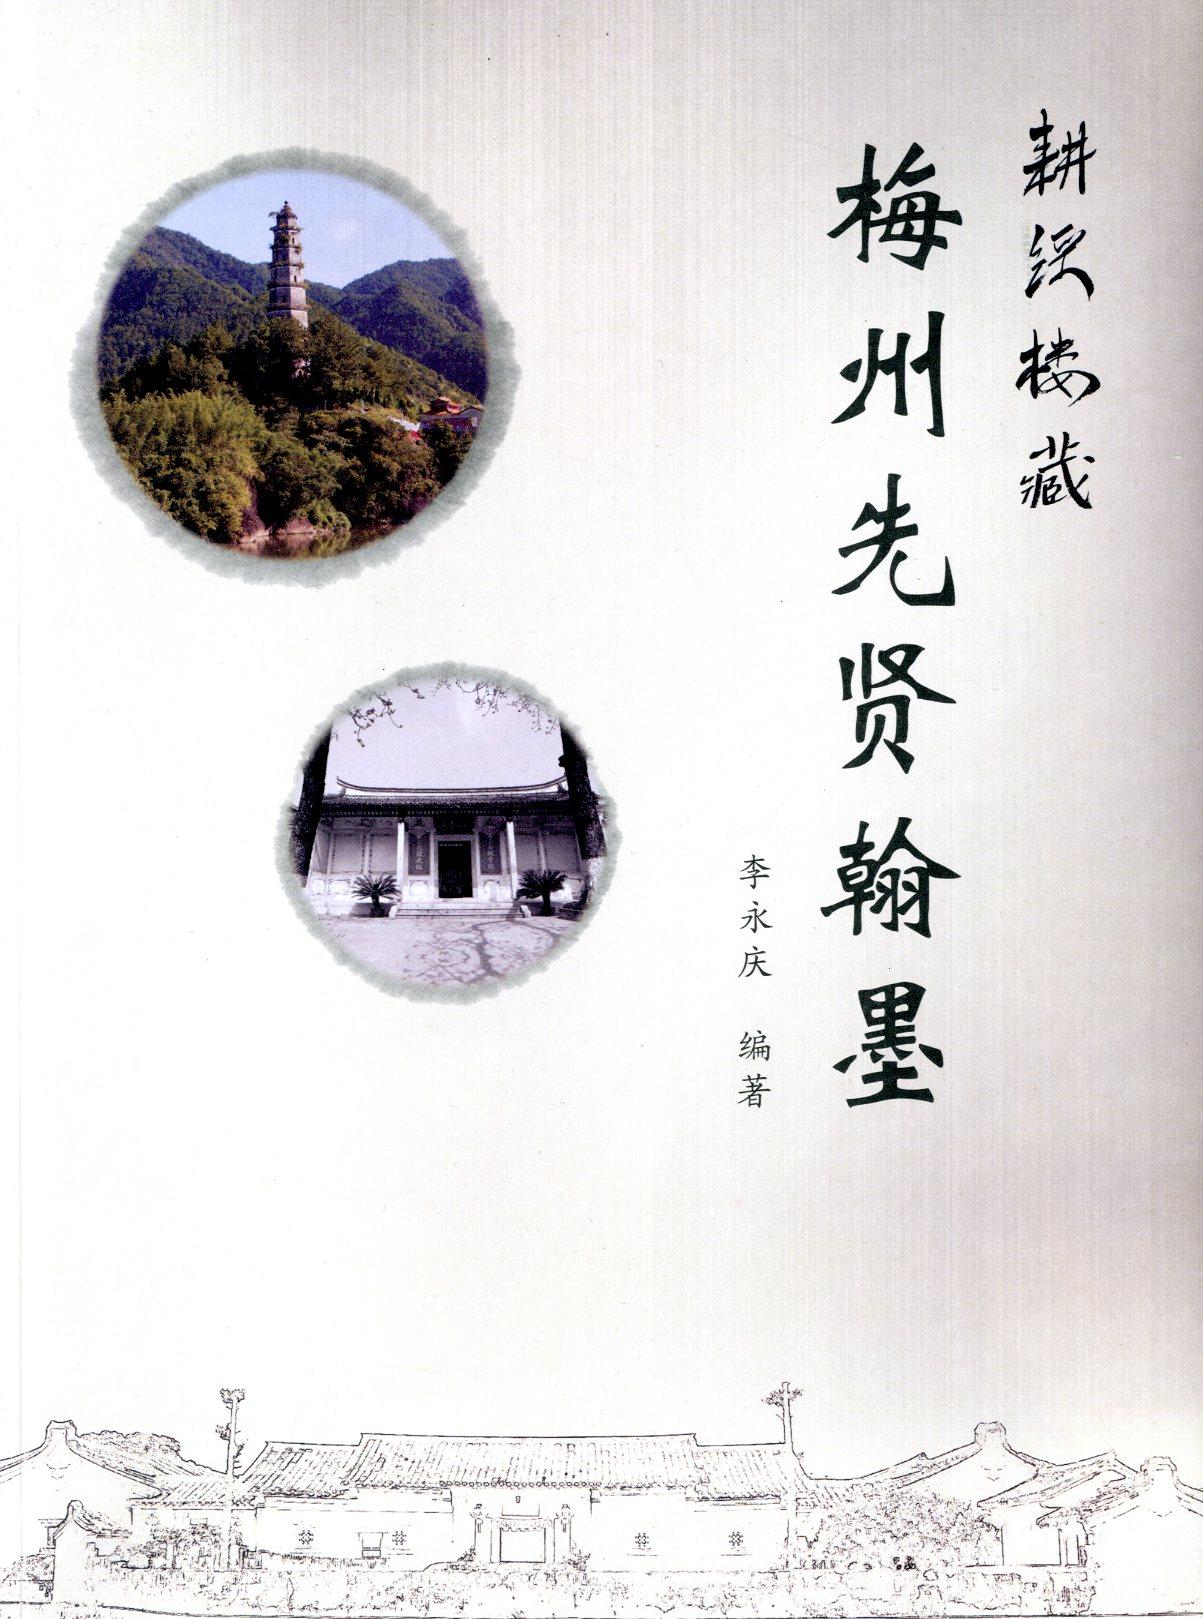 小说封面字体 素材笔画